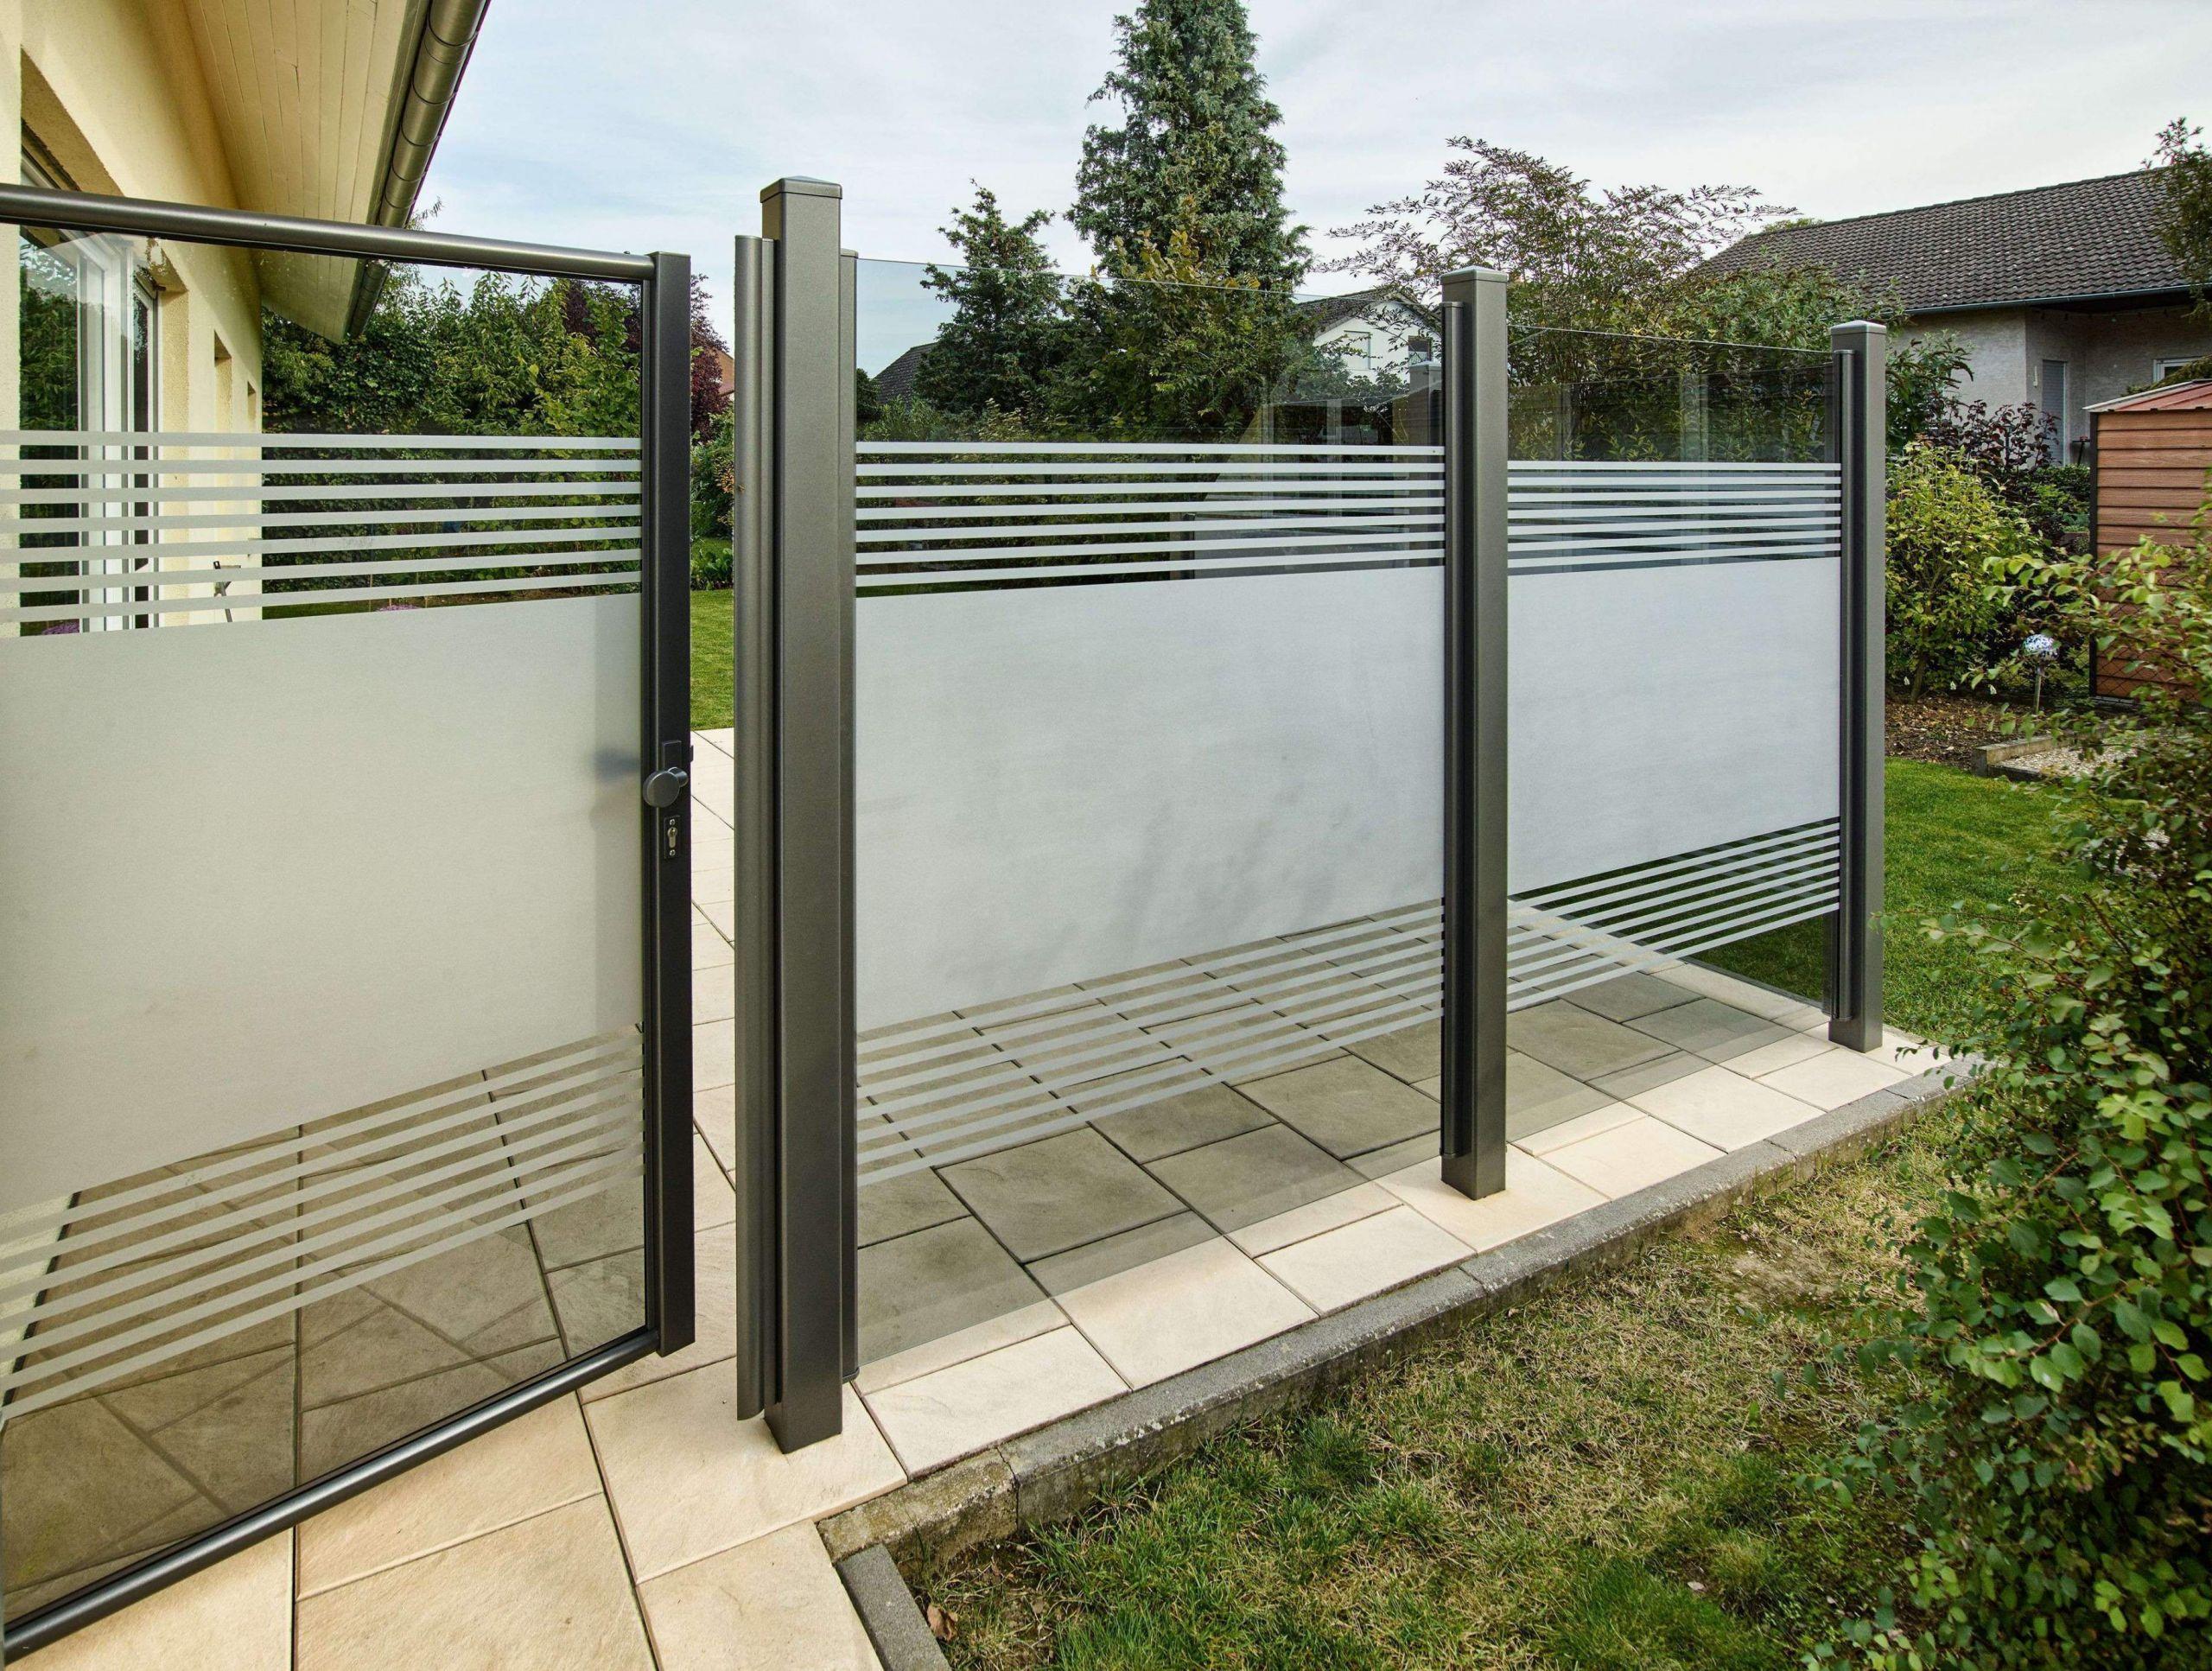 35 frisch balkon sichtschutz grun foto sichtschutz pflanzen immergrun sichtschutz pflanzen immergrun